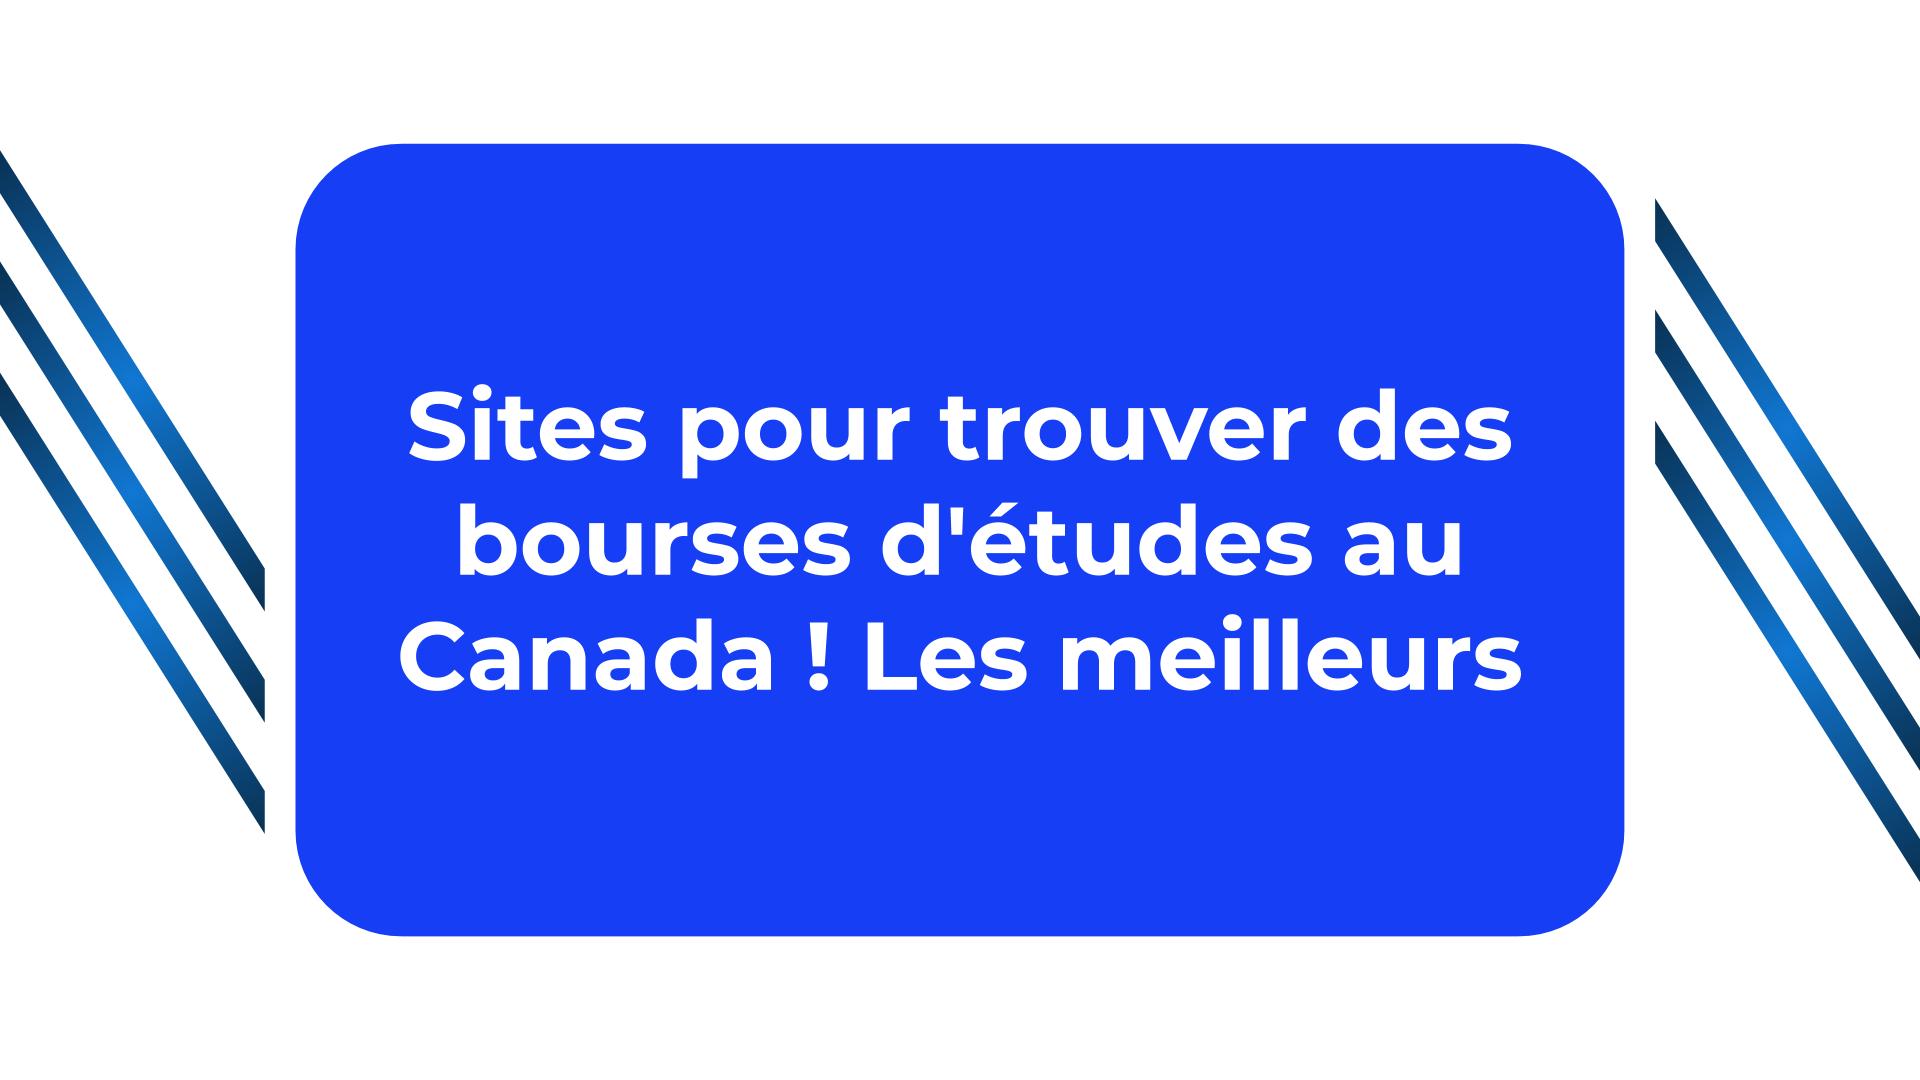 Sites pour trouver des bourses d'études au Canada ! Les meilleurs